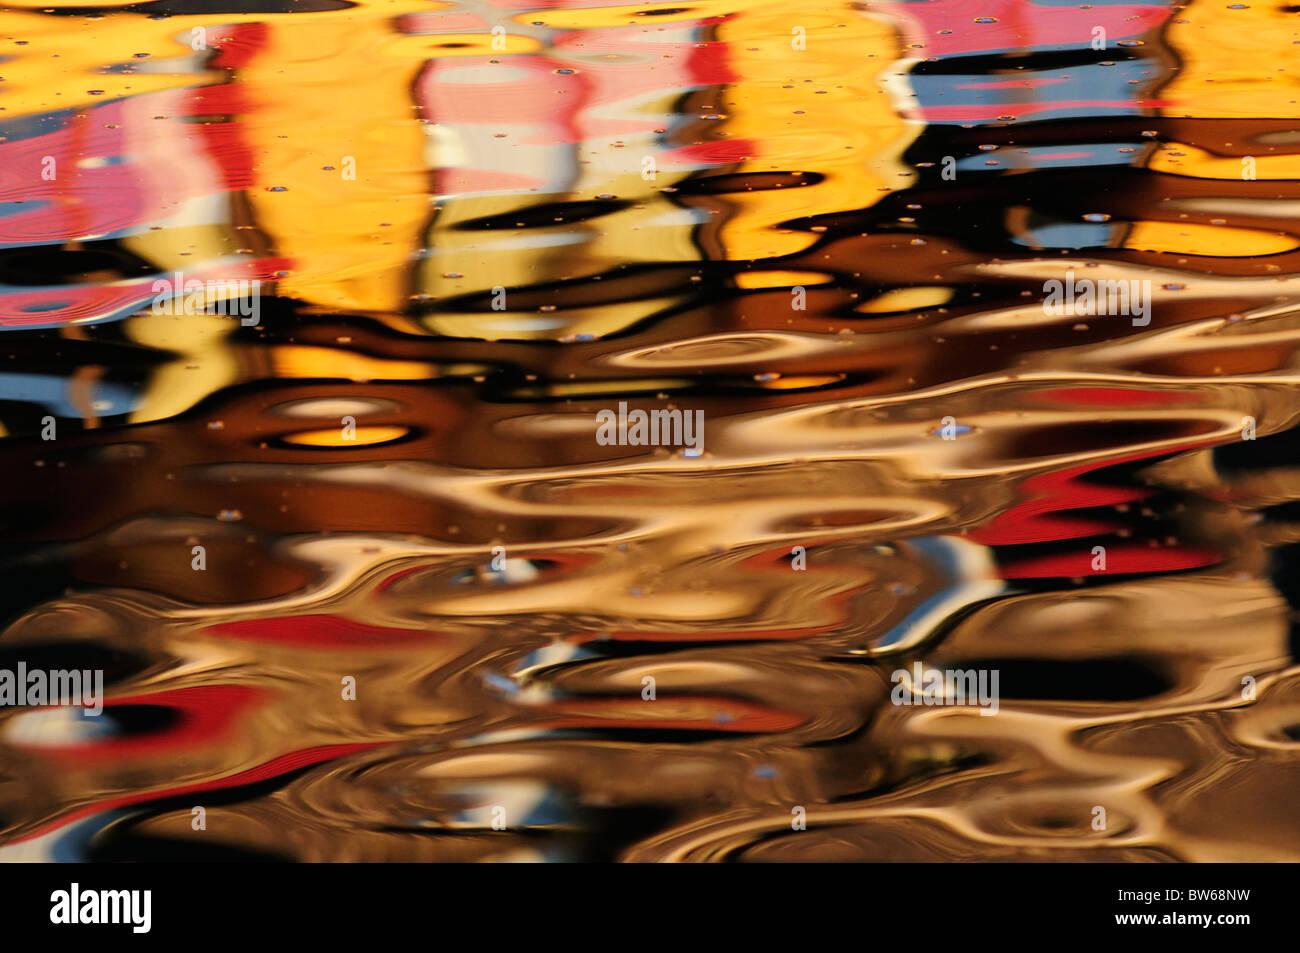 Résumé La réflexion des bâtiments colorés dans la rivière Cam, Cambridge, England, Photo Stock